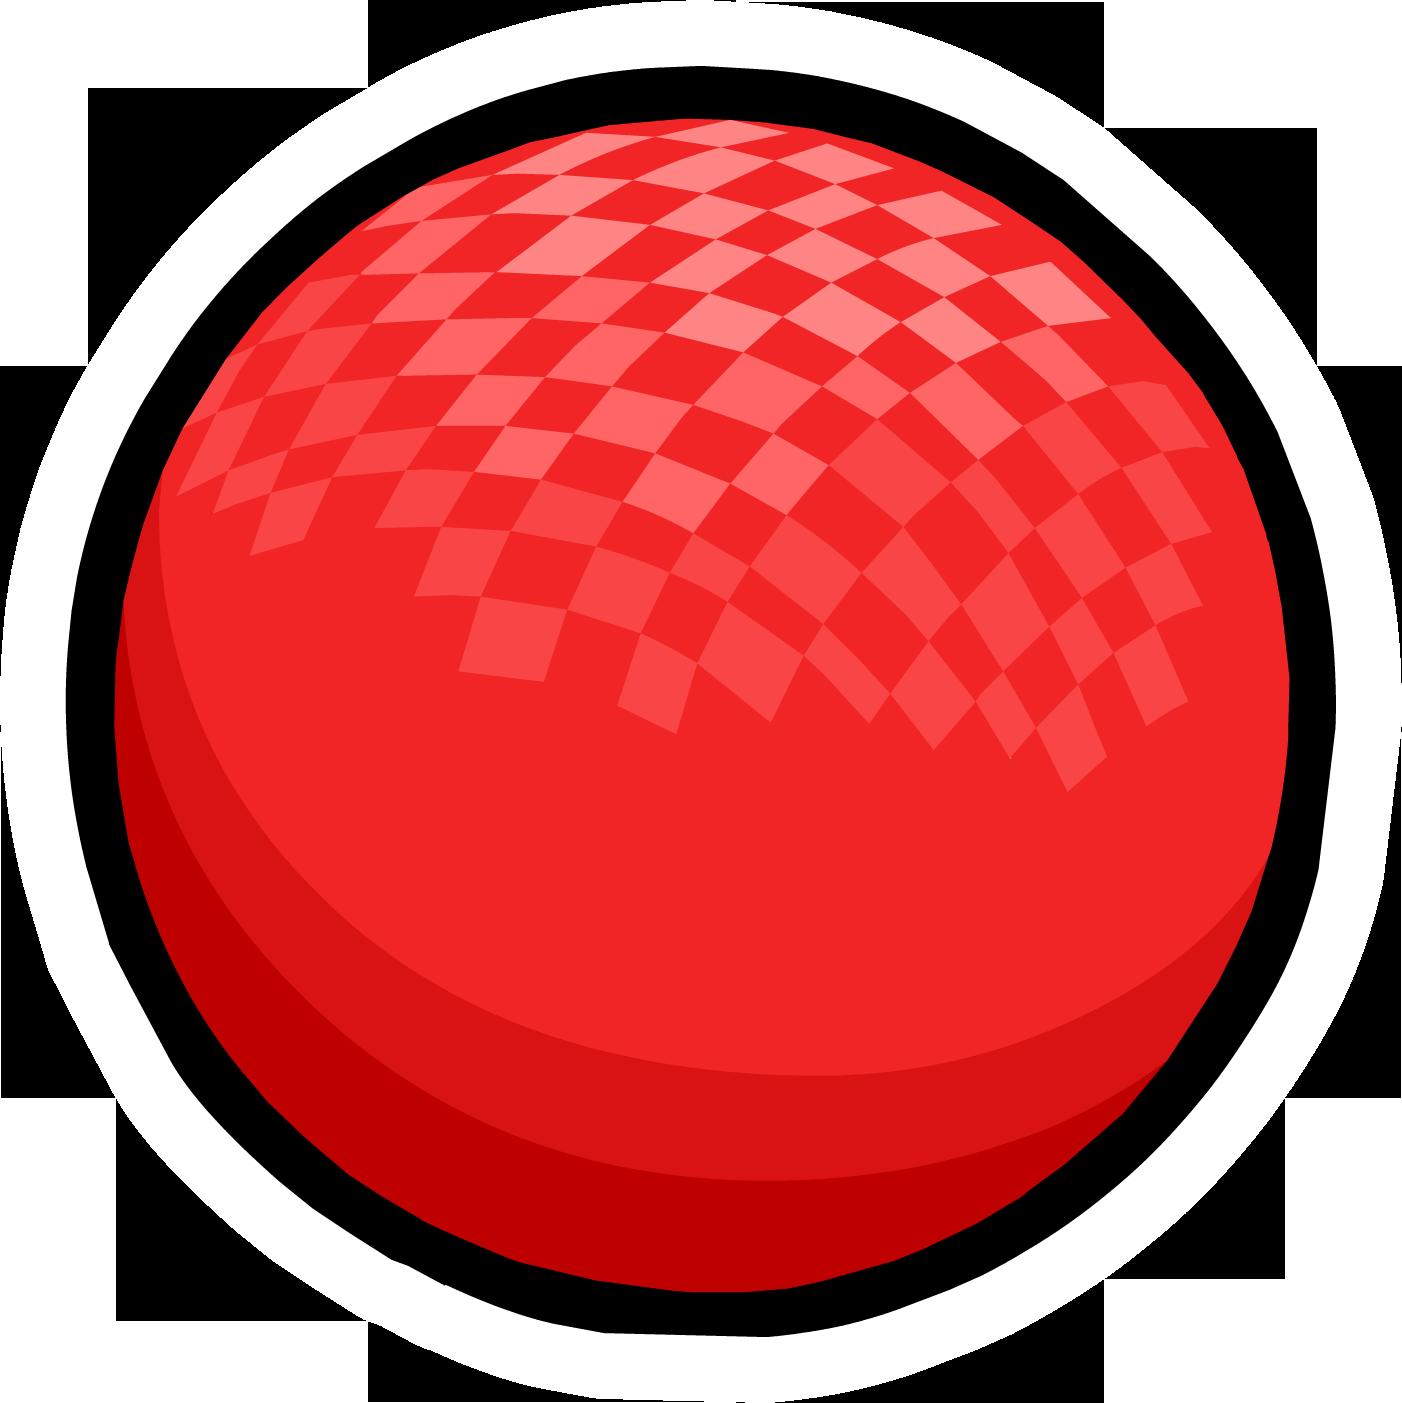 Ball clipart dodgeball Clipart Art Art Club Dodgeball